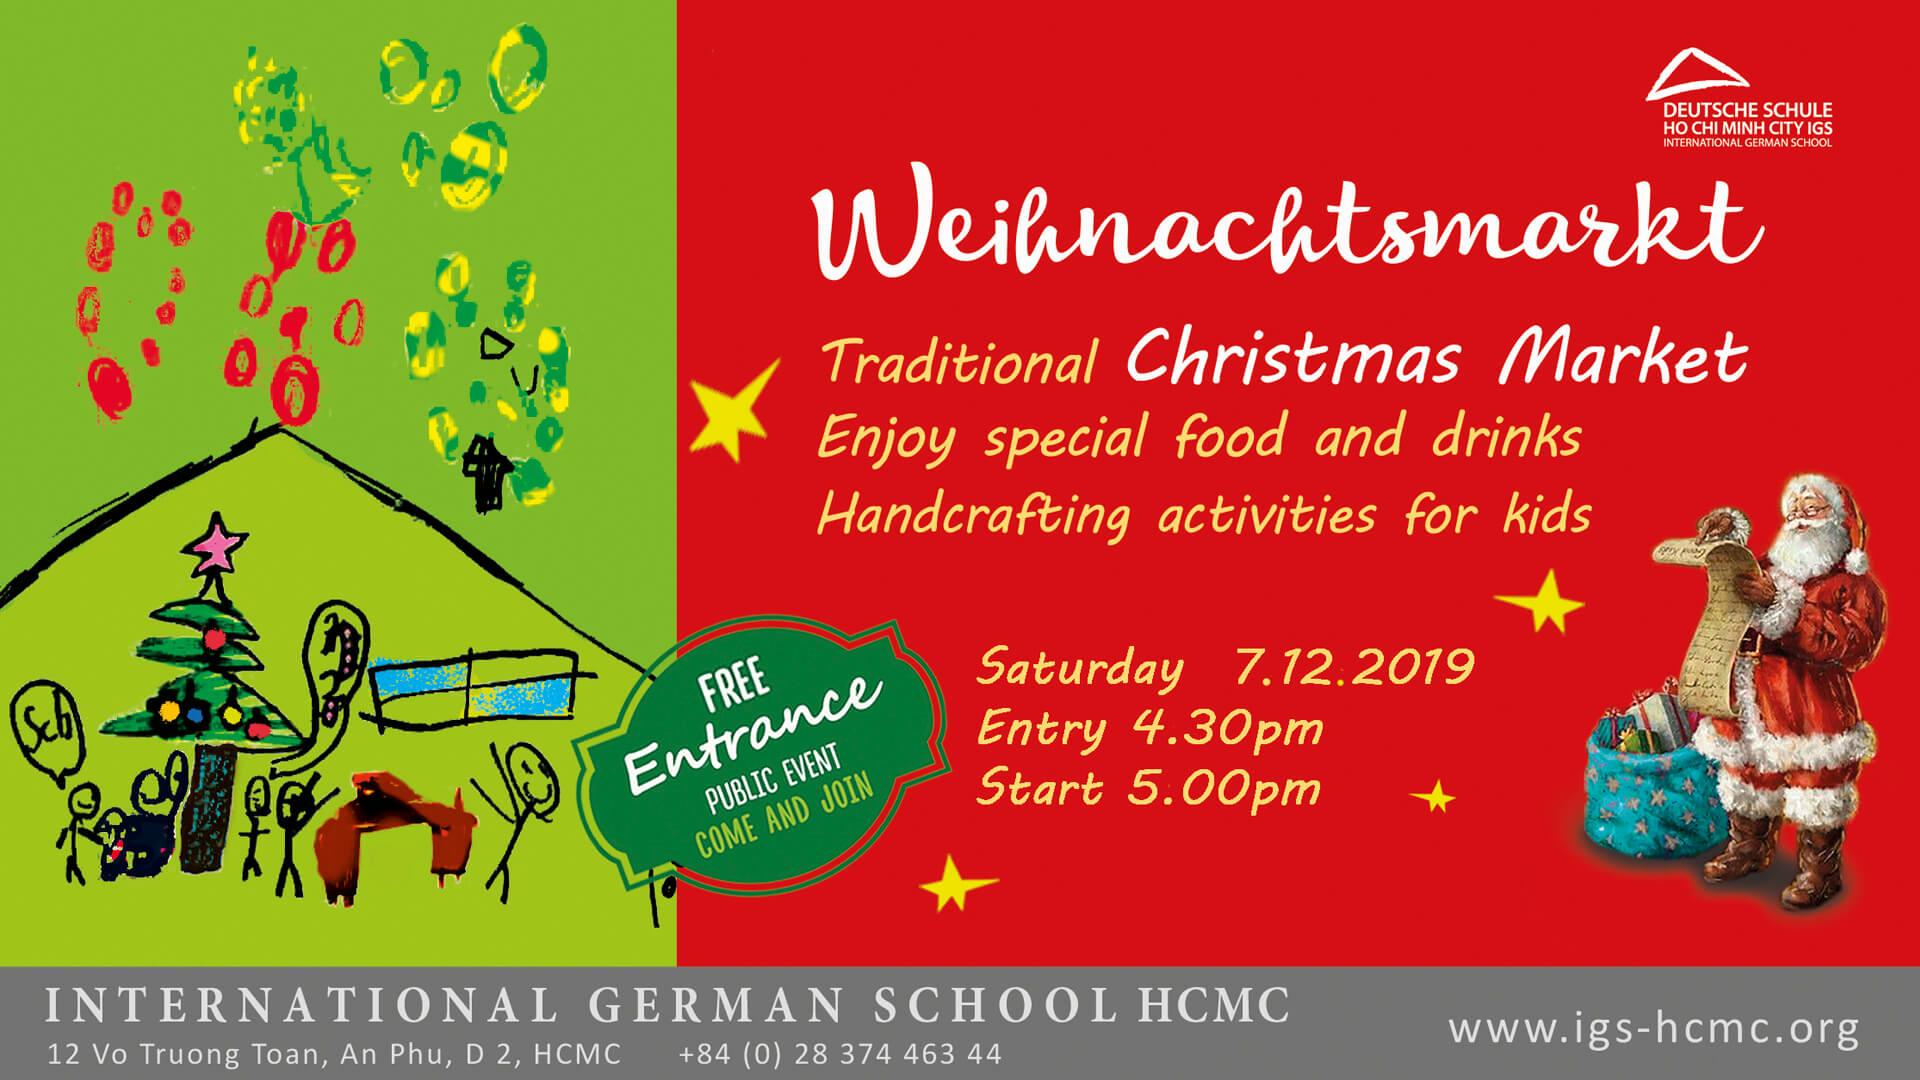 Weihnachtsmarkt 2019 an der IGS-HCMC